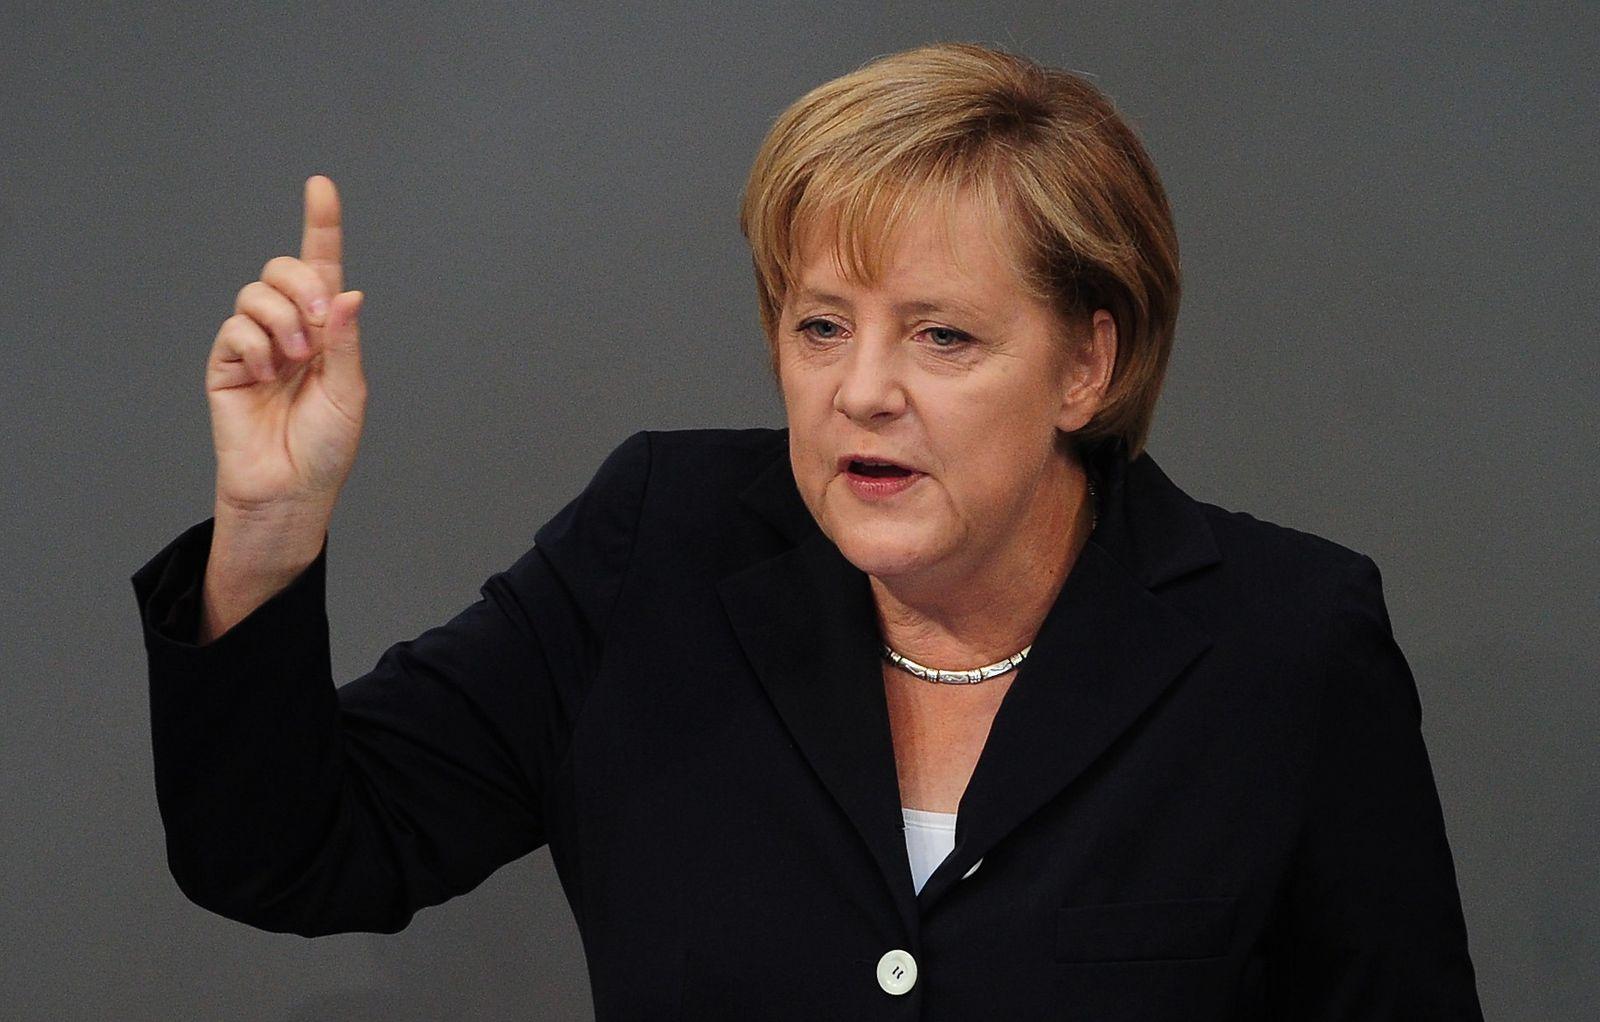 Bundestag/ Merkel